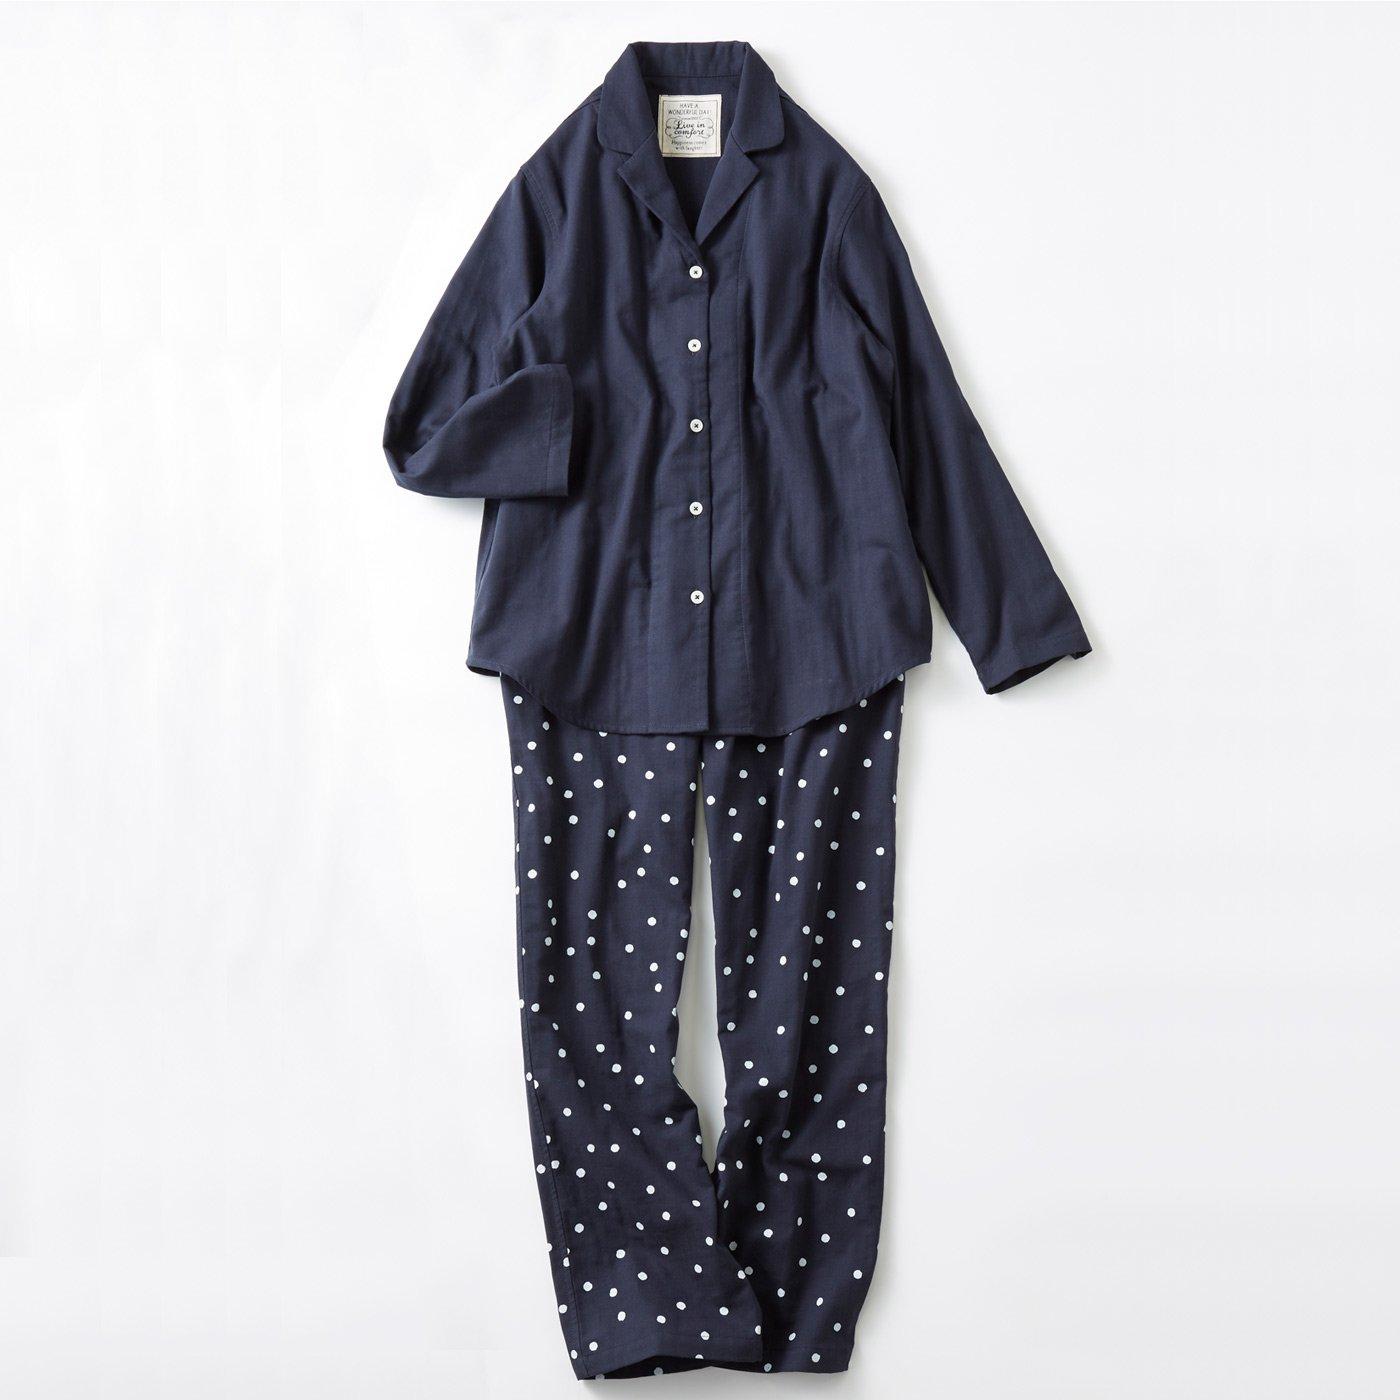 宅配便も取りにいける! リブ イン コンフォート コットン100% ダブルガーゼのパジャマ 〈ドット〉